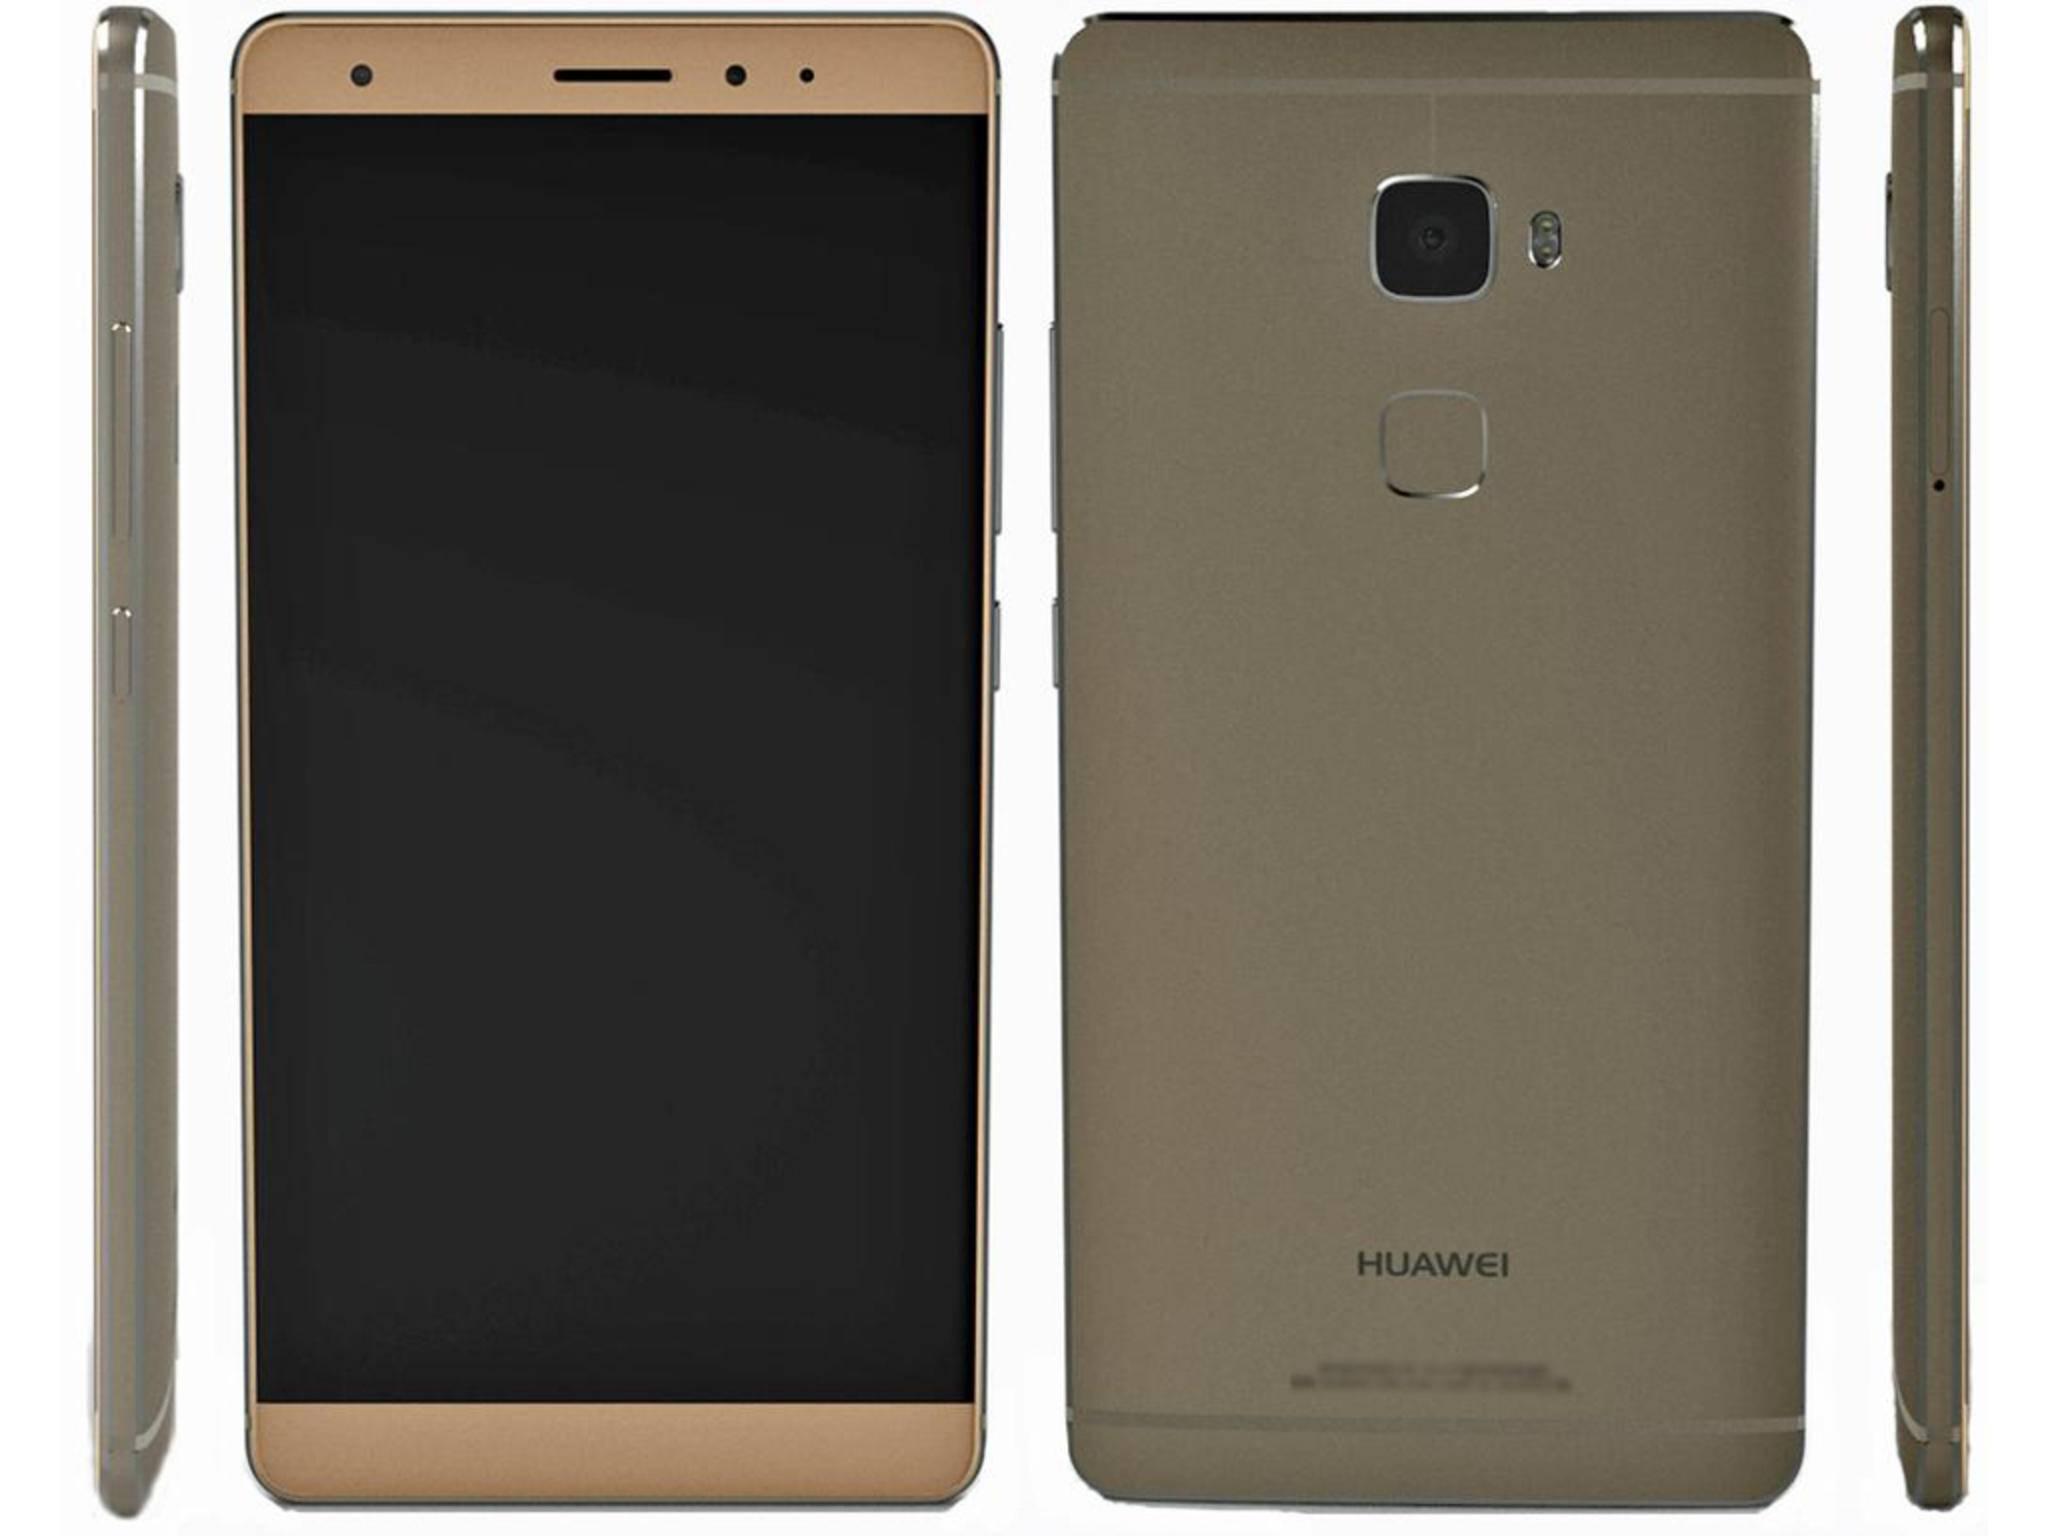 Sieht so das Huawei Mate 7 mini aus?